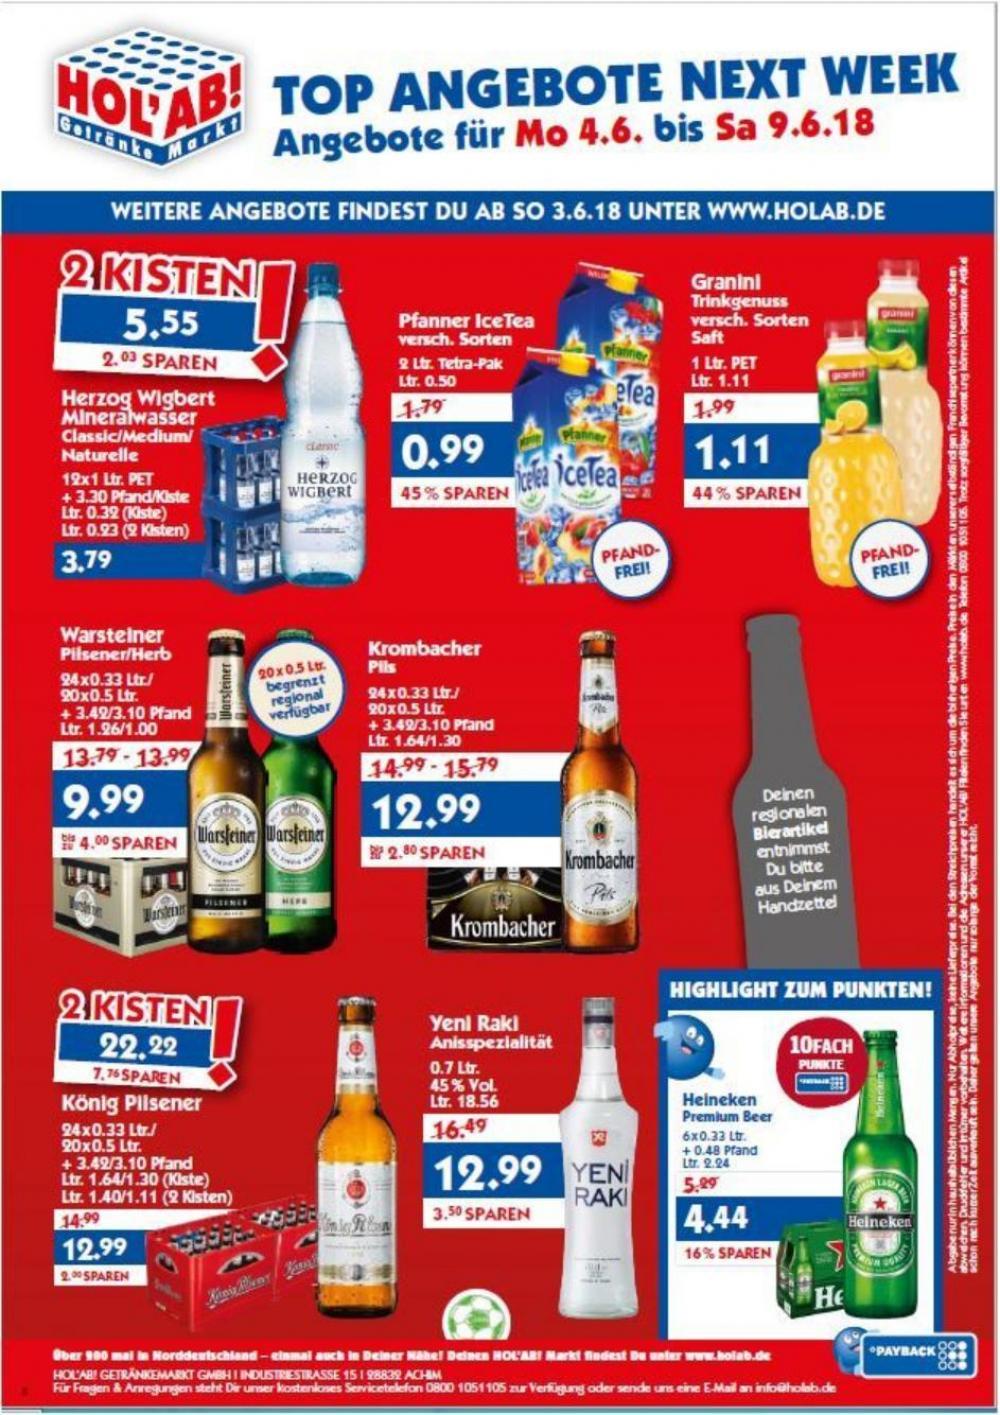 Pfanner Eistee 2l verschiede Sorten für 99ct [Hol ab!]